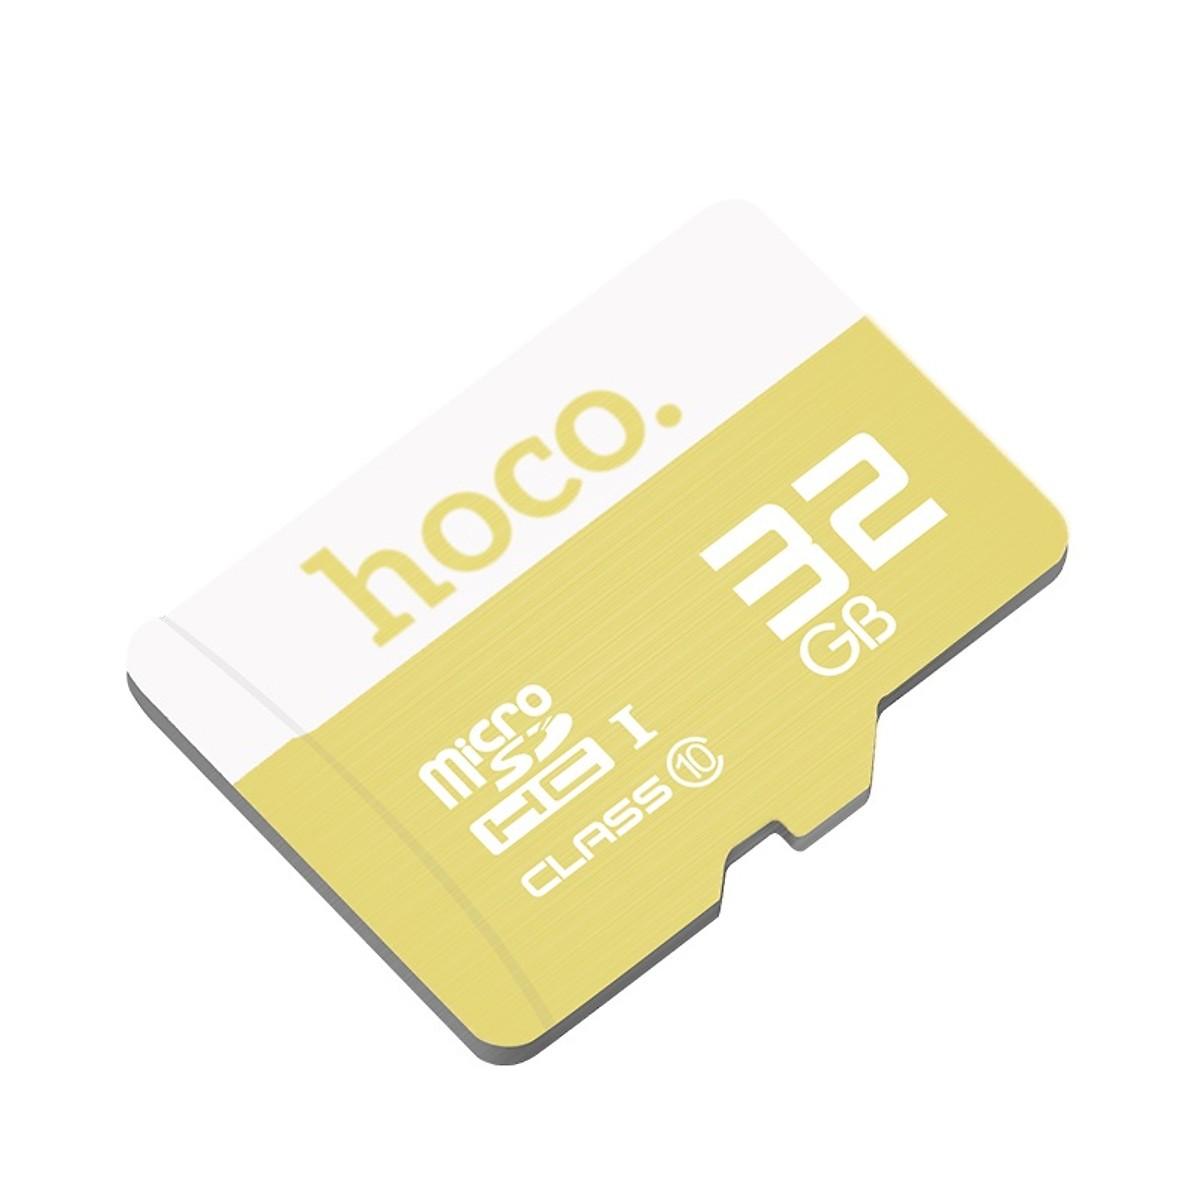 Hoco   Thẻ nhớ   Thẻ Nhớ 32GB Class10 Tốc Độ Cao MicroSD Chính Hãng Hoco